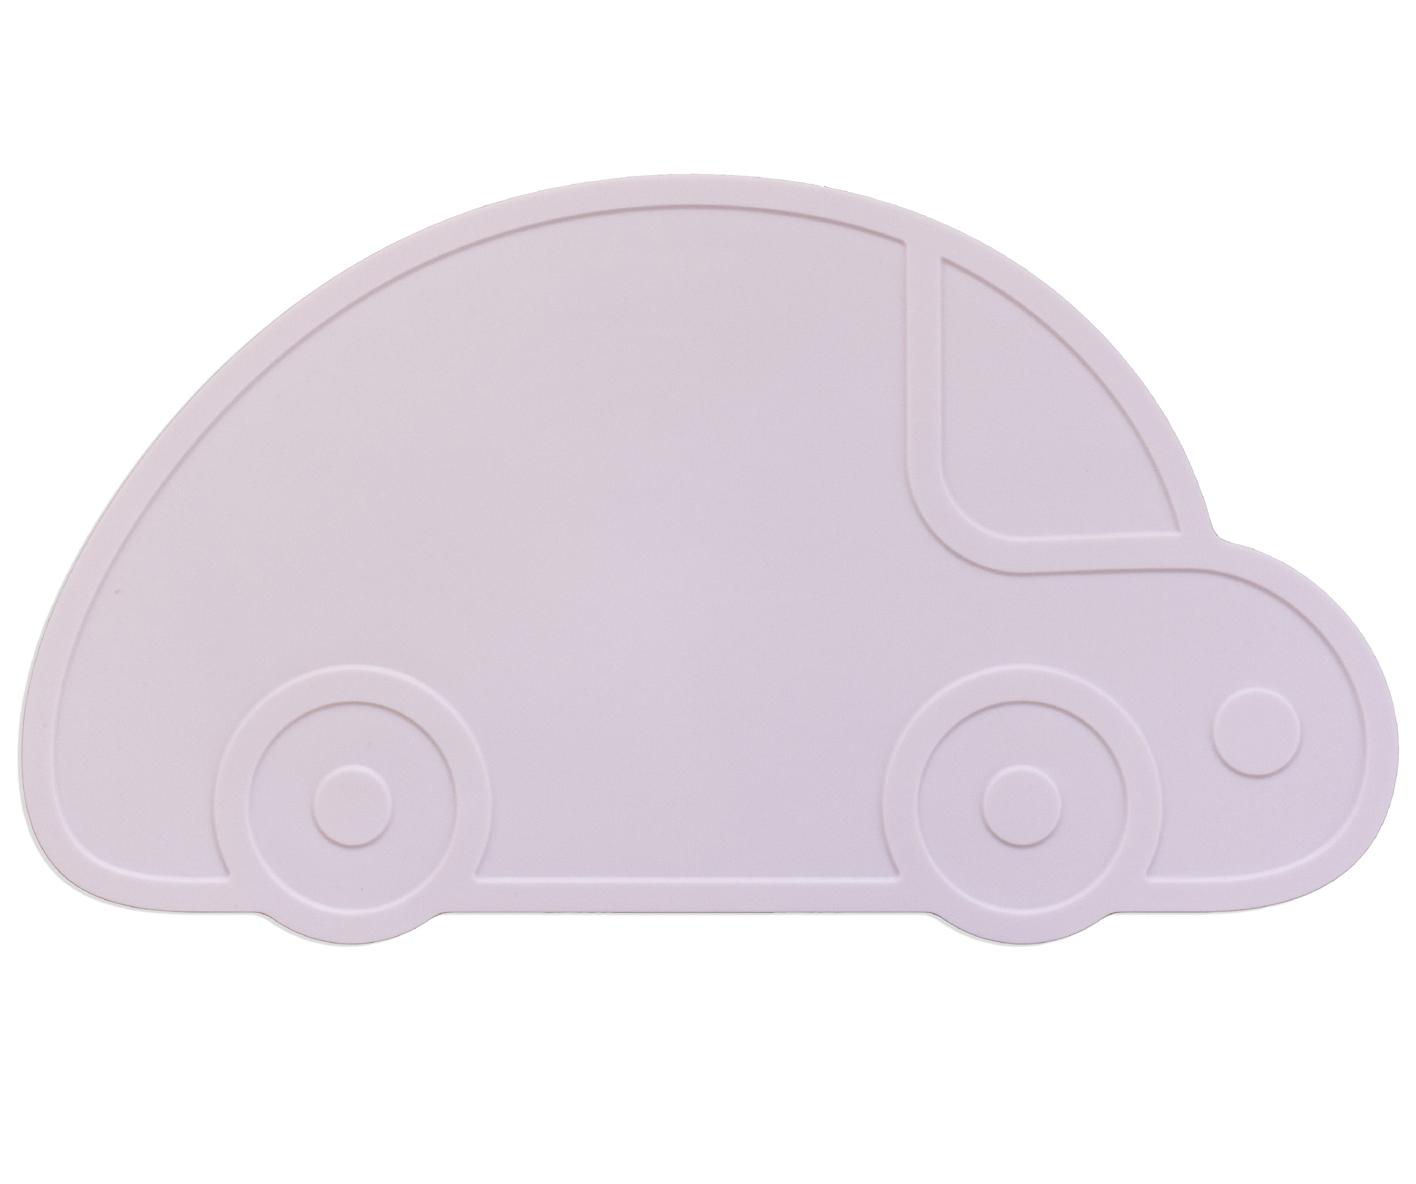 Dækkeserviet fra kg design - rally - rosa fra Kg design på babygear.dk